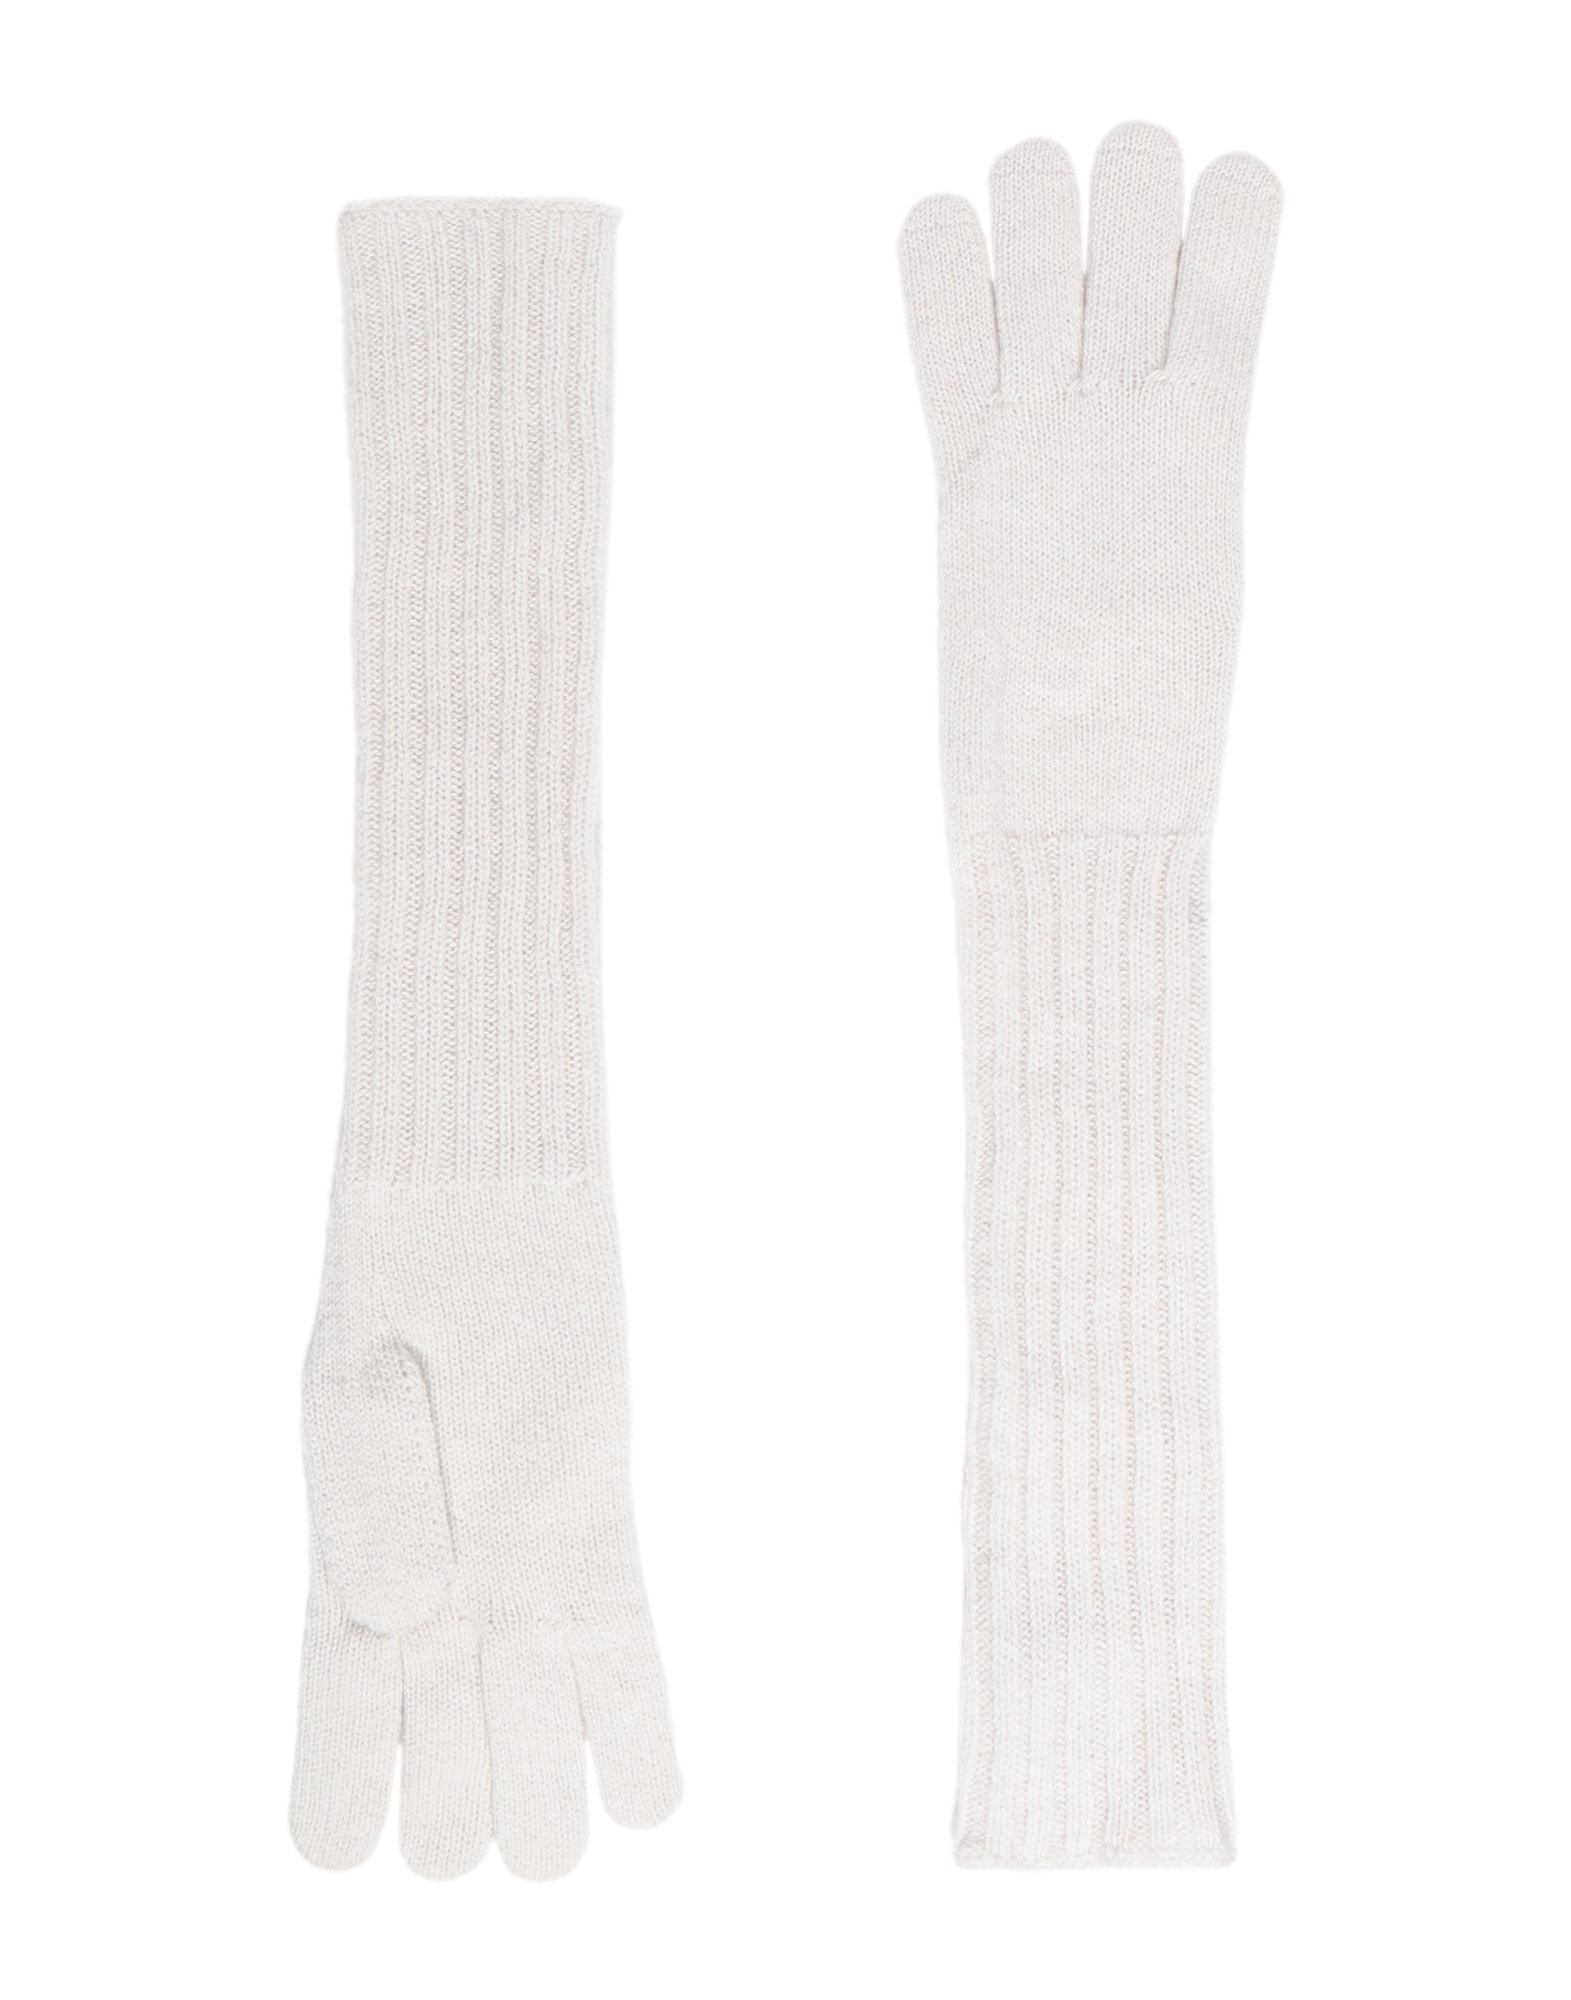 8 by YOOX Перчатки перчатки c9